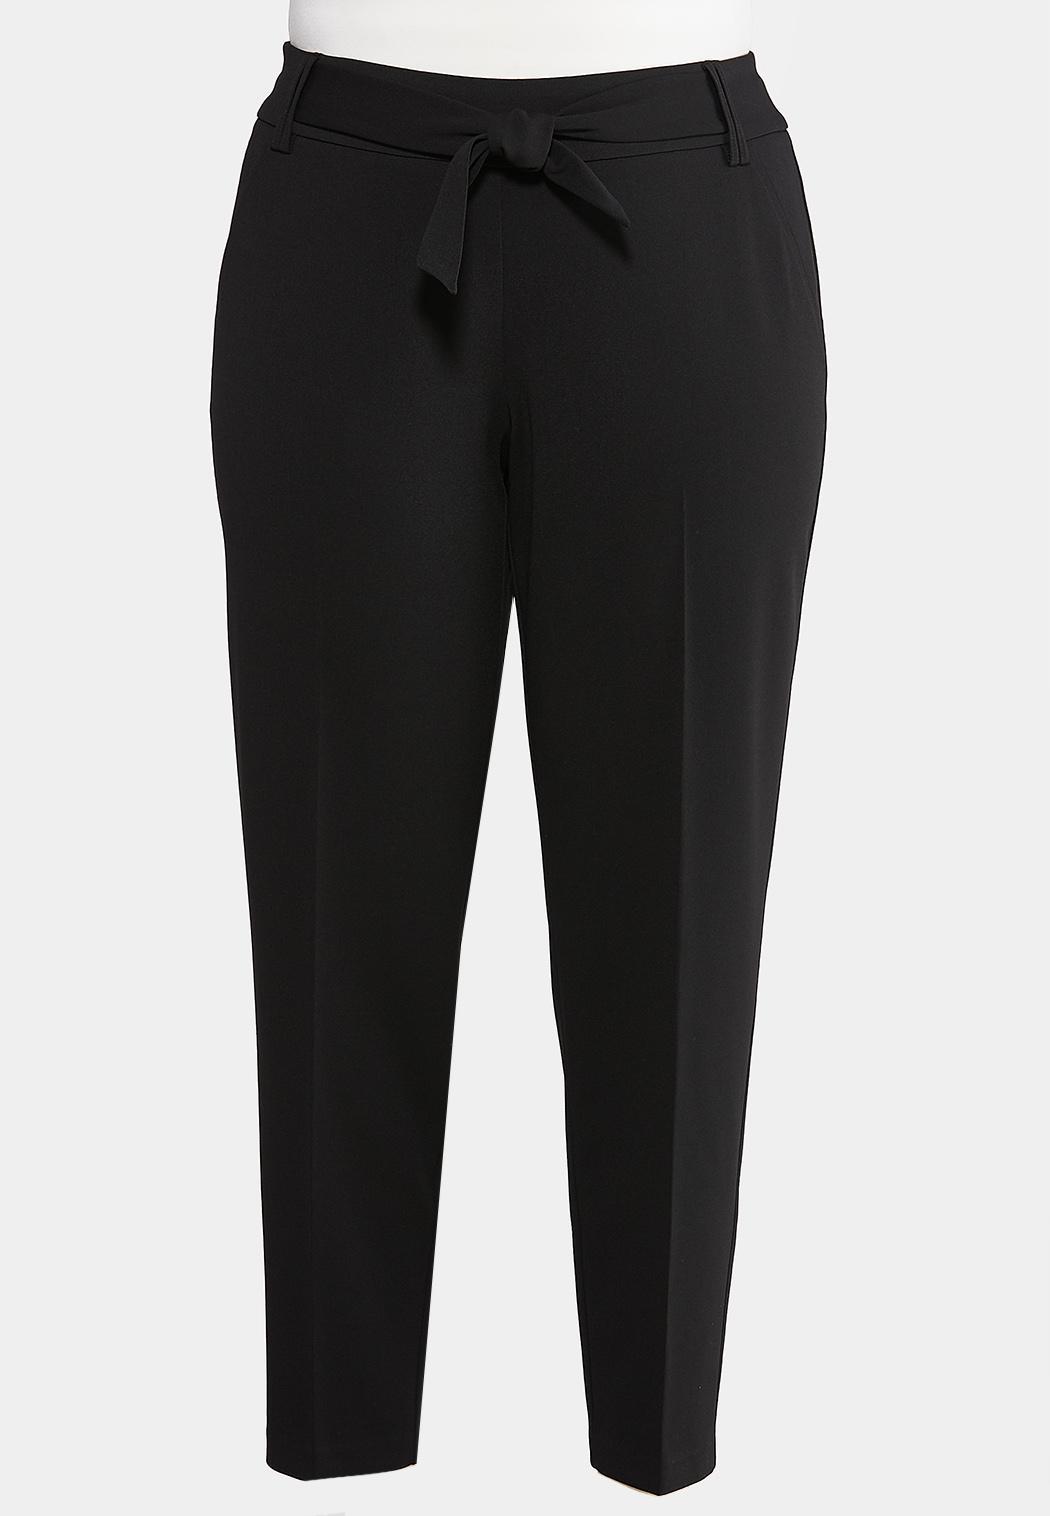 Plus Size Tie Waist Dress Pants Pants Cato Fashions